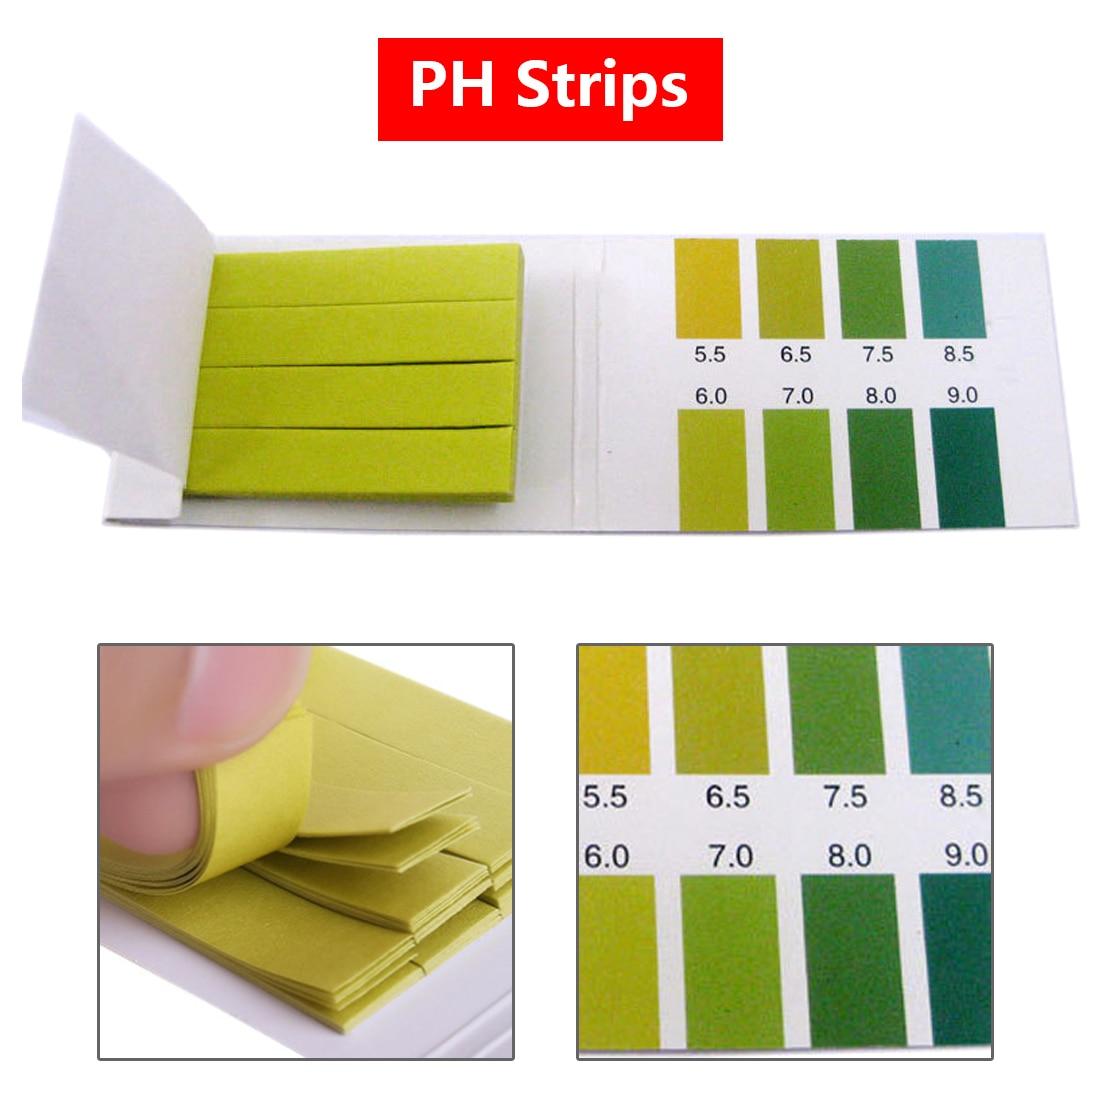 80 strips short range ph alkaline acid 0 5 5 0 indicator litmus paper ph test strips 30%off 80 Strips/pack pH test strips PH Meter Paper PH Controller 5.5-9.0 Indicator Litmus Paper Aquarium Water Soilsting Kit